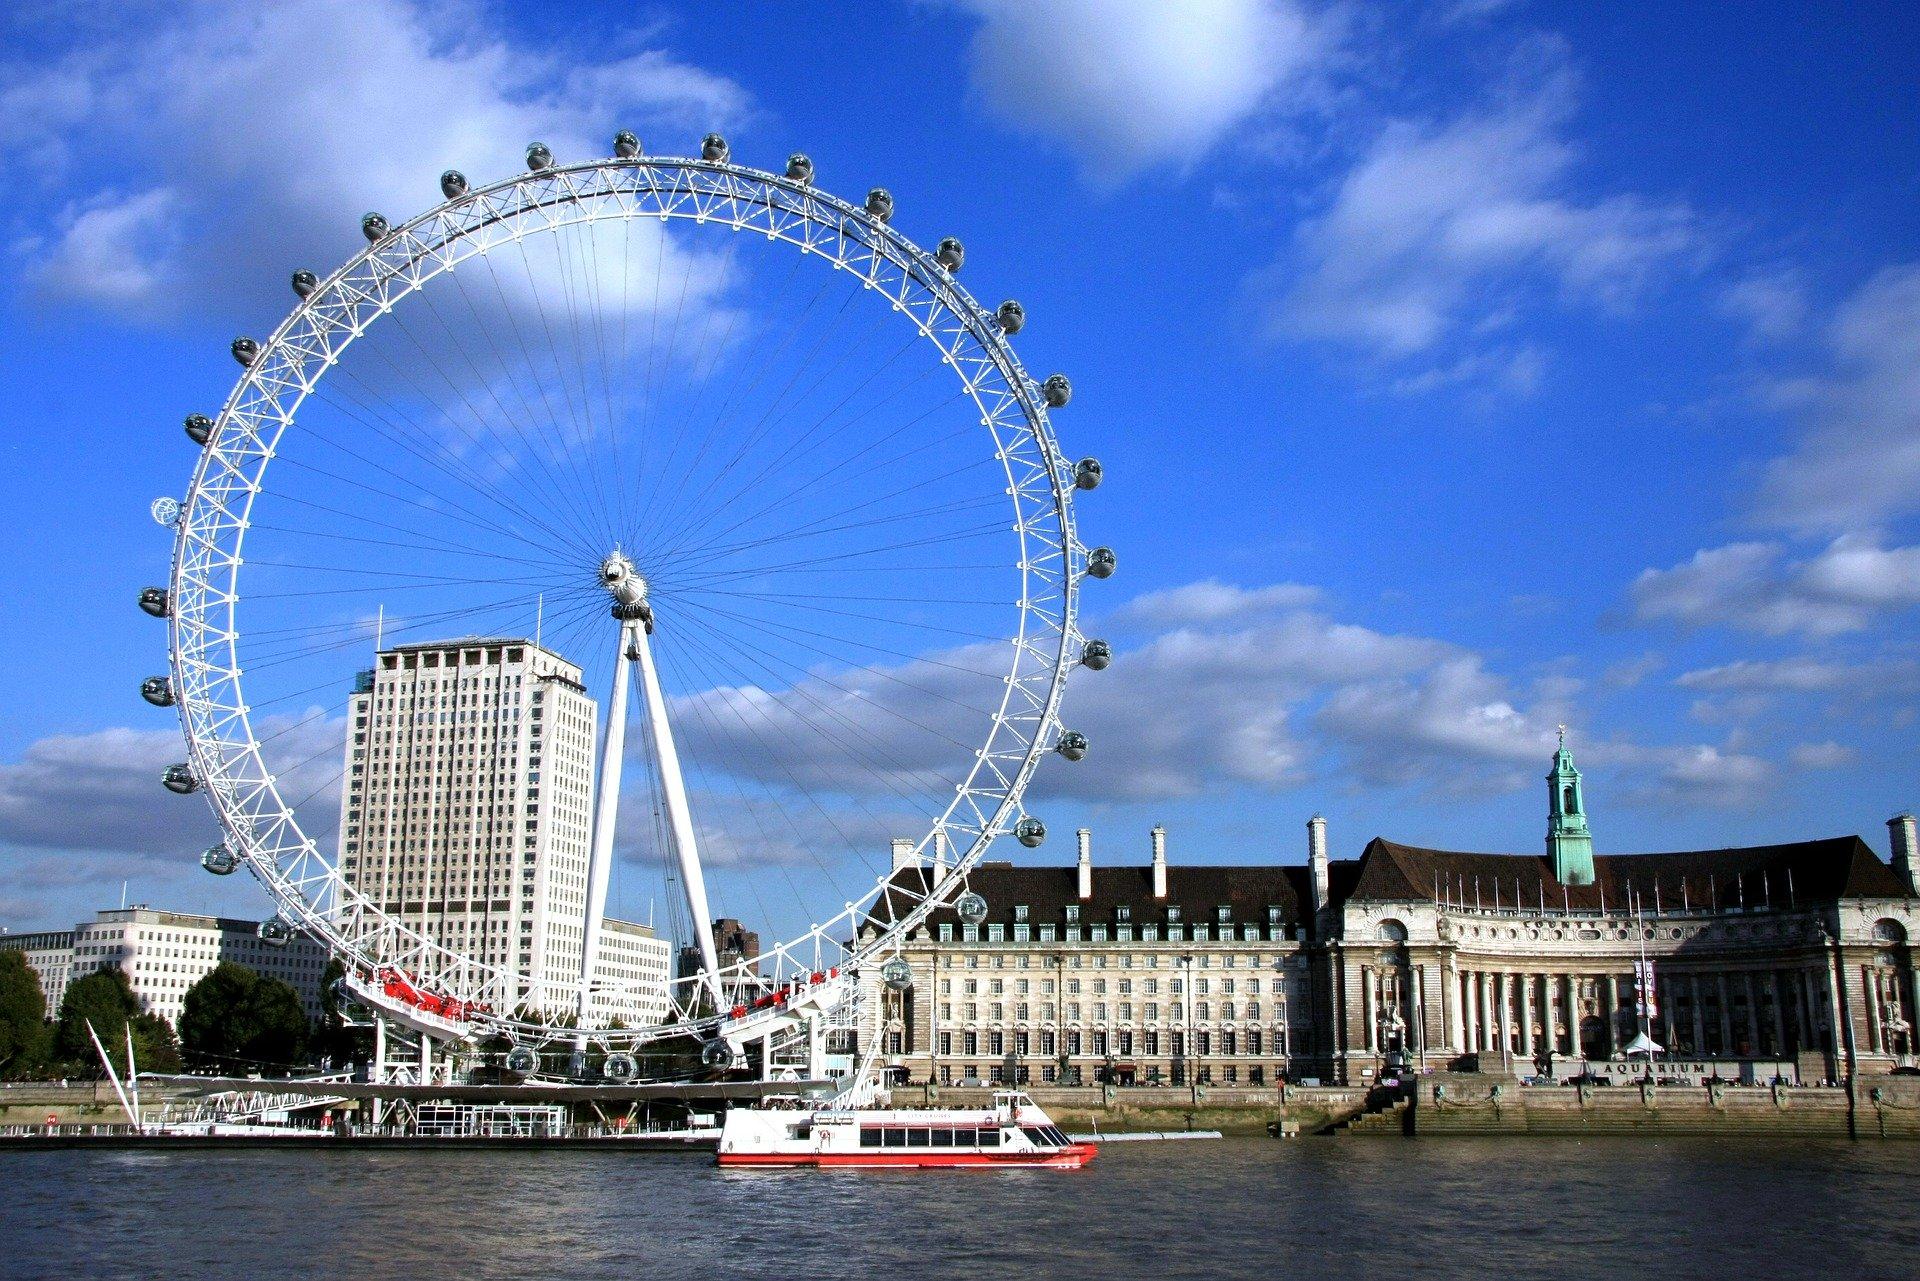 Das The Coca Cola London Eye